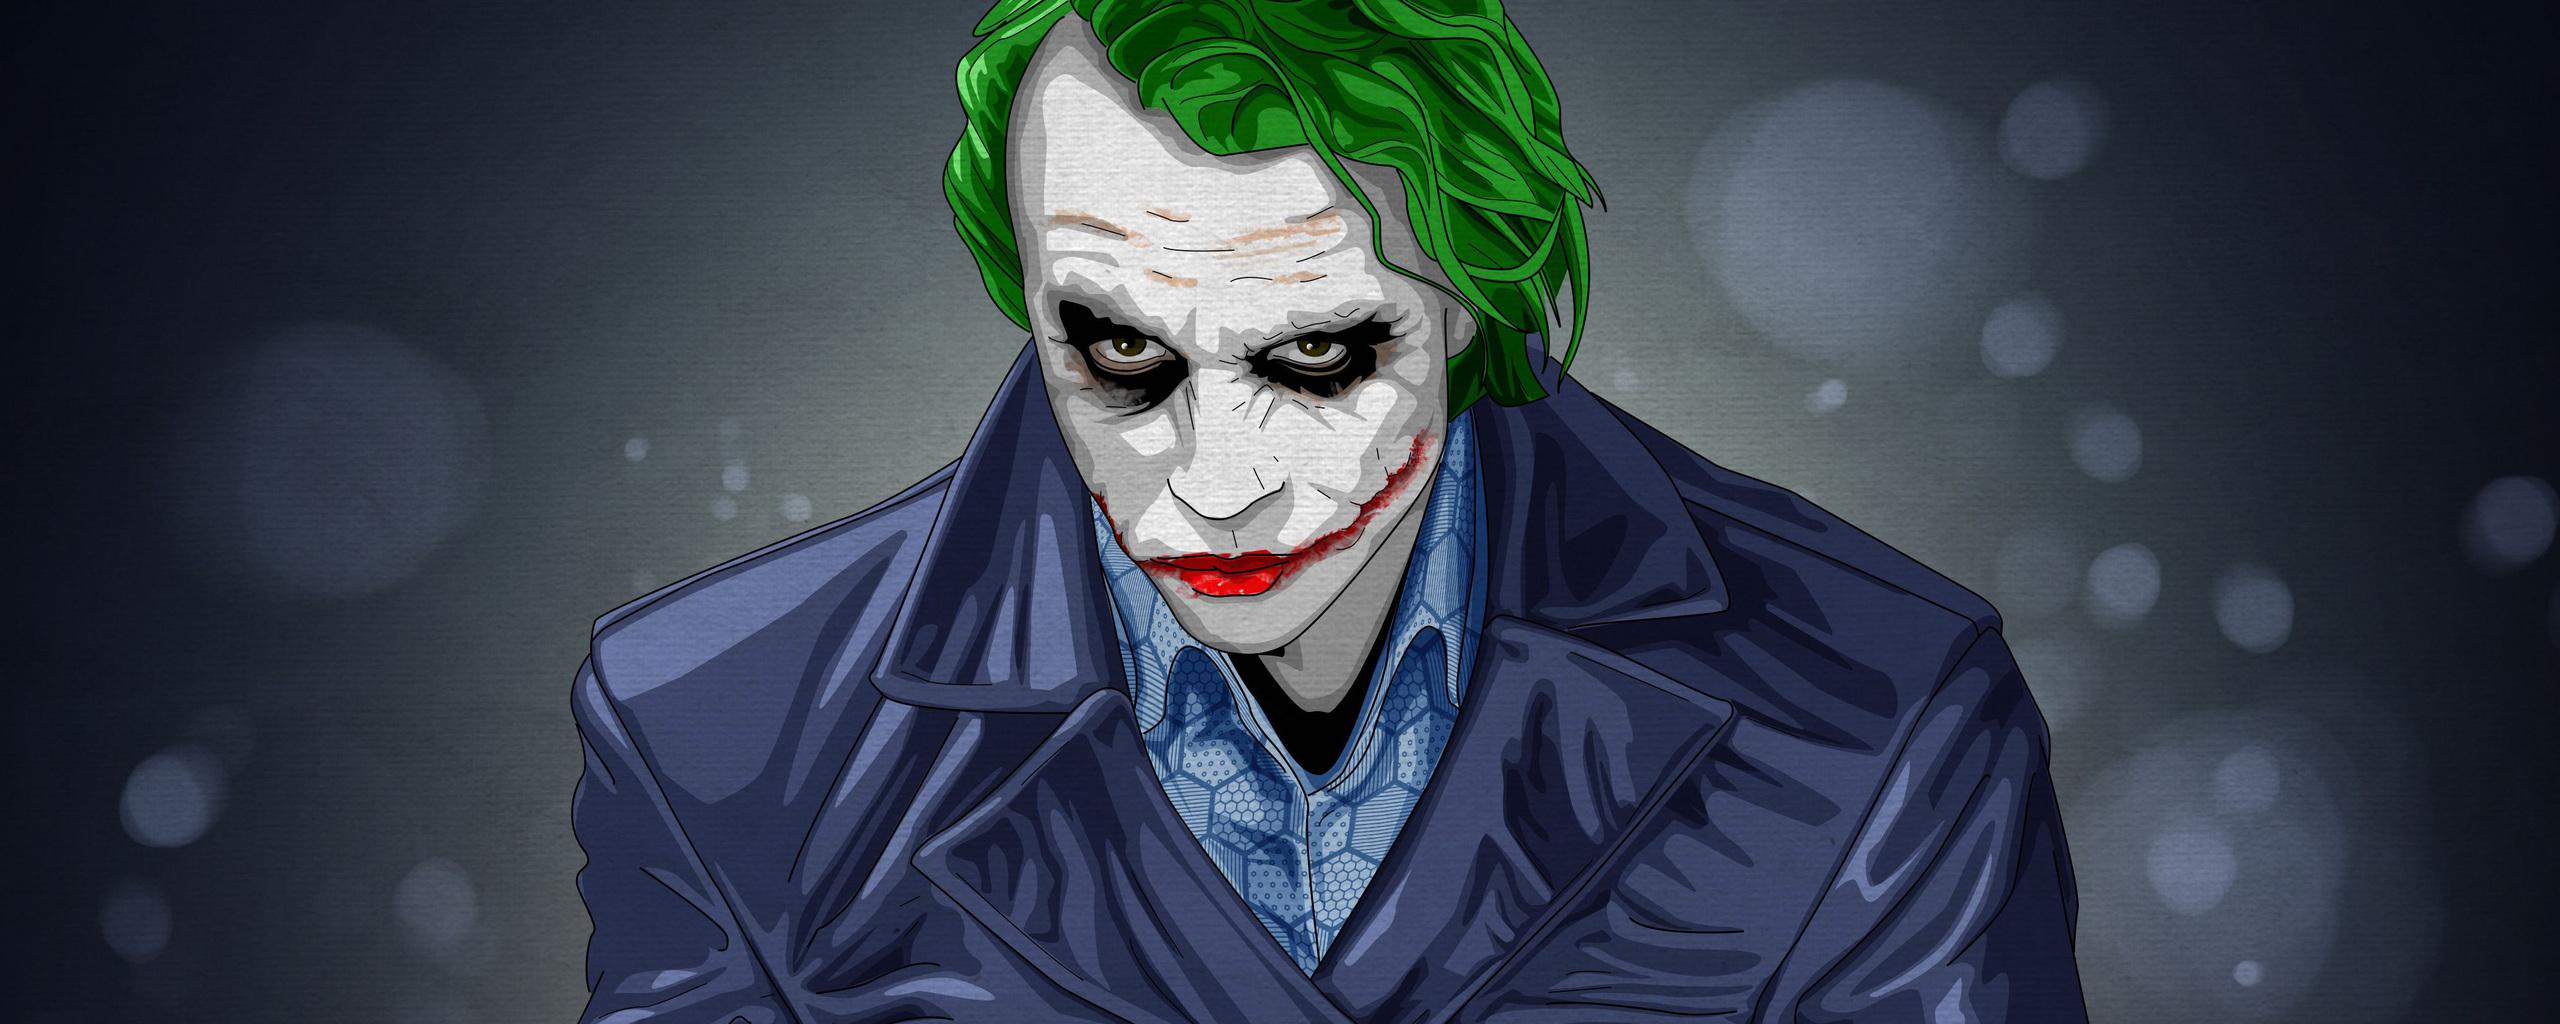 joker-artwork-4k-ii.jpg